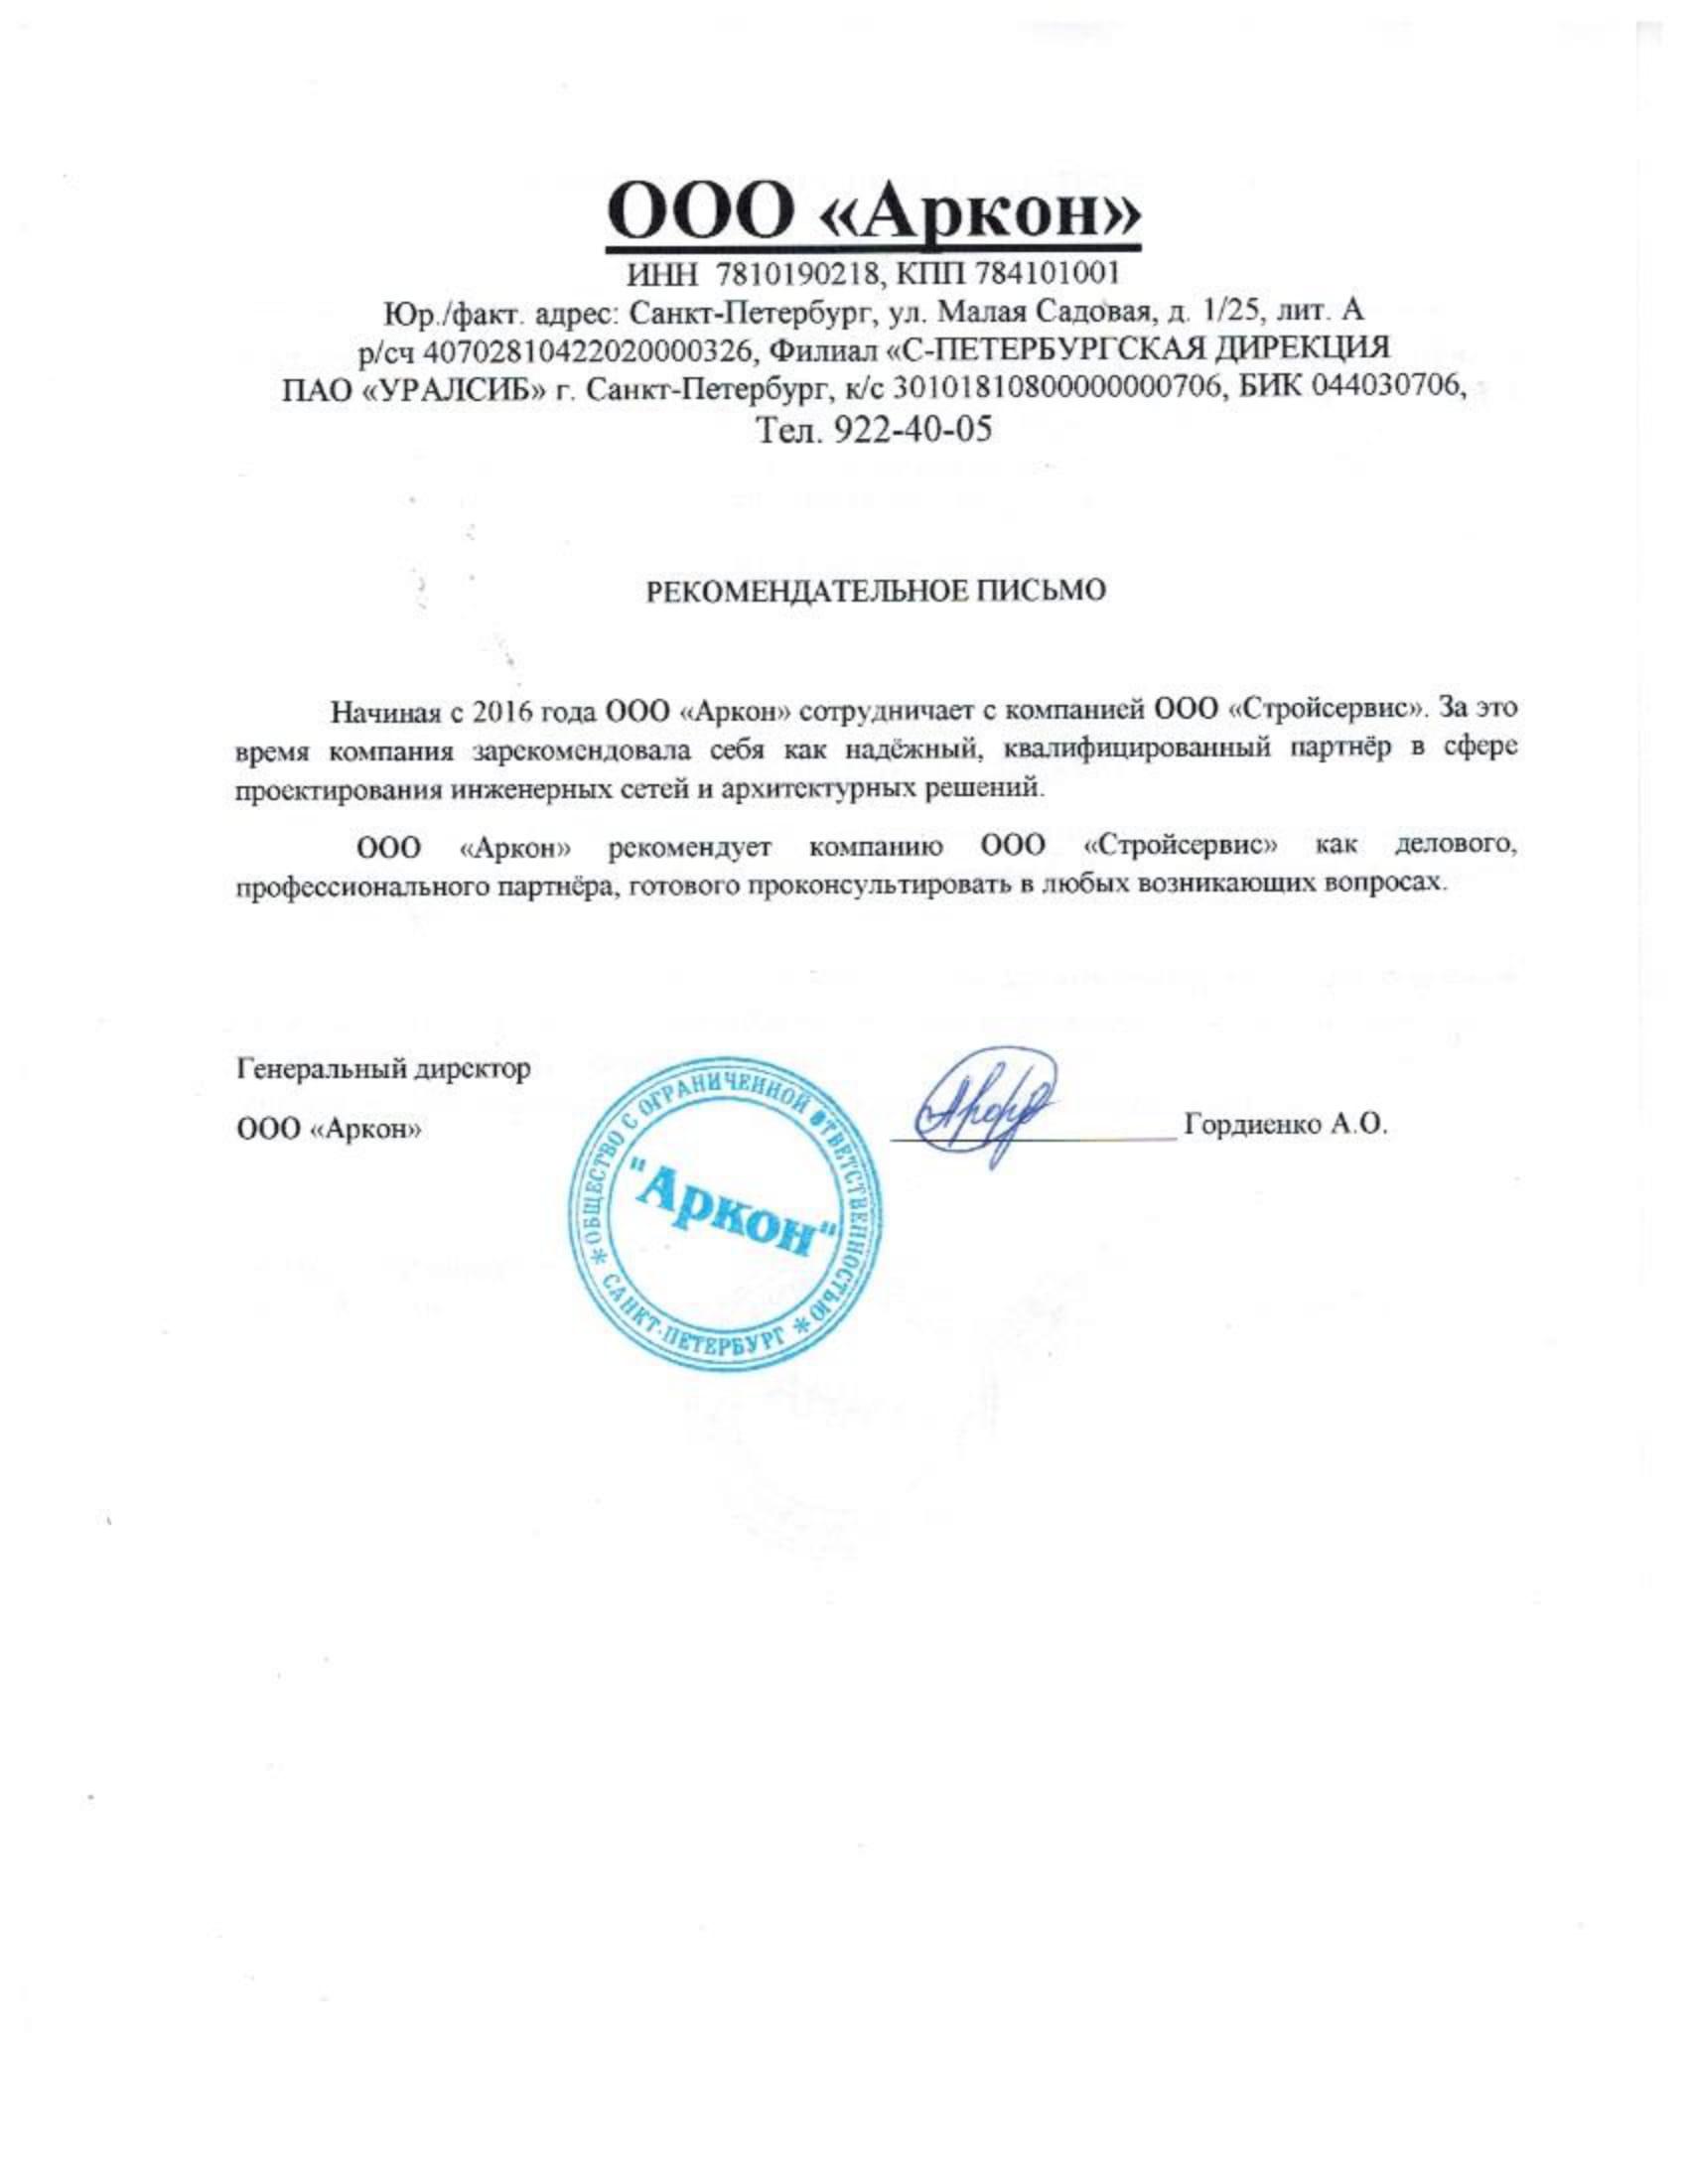 ООО Стройсервис презентация.-5